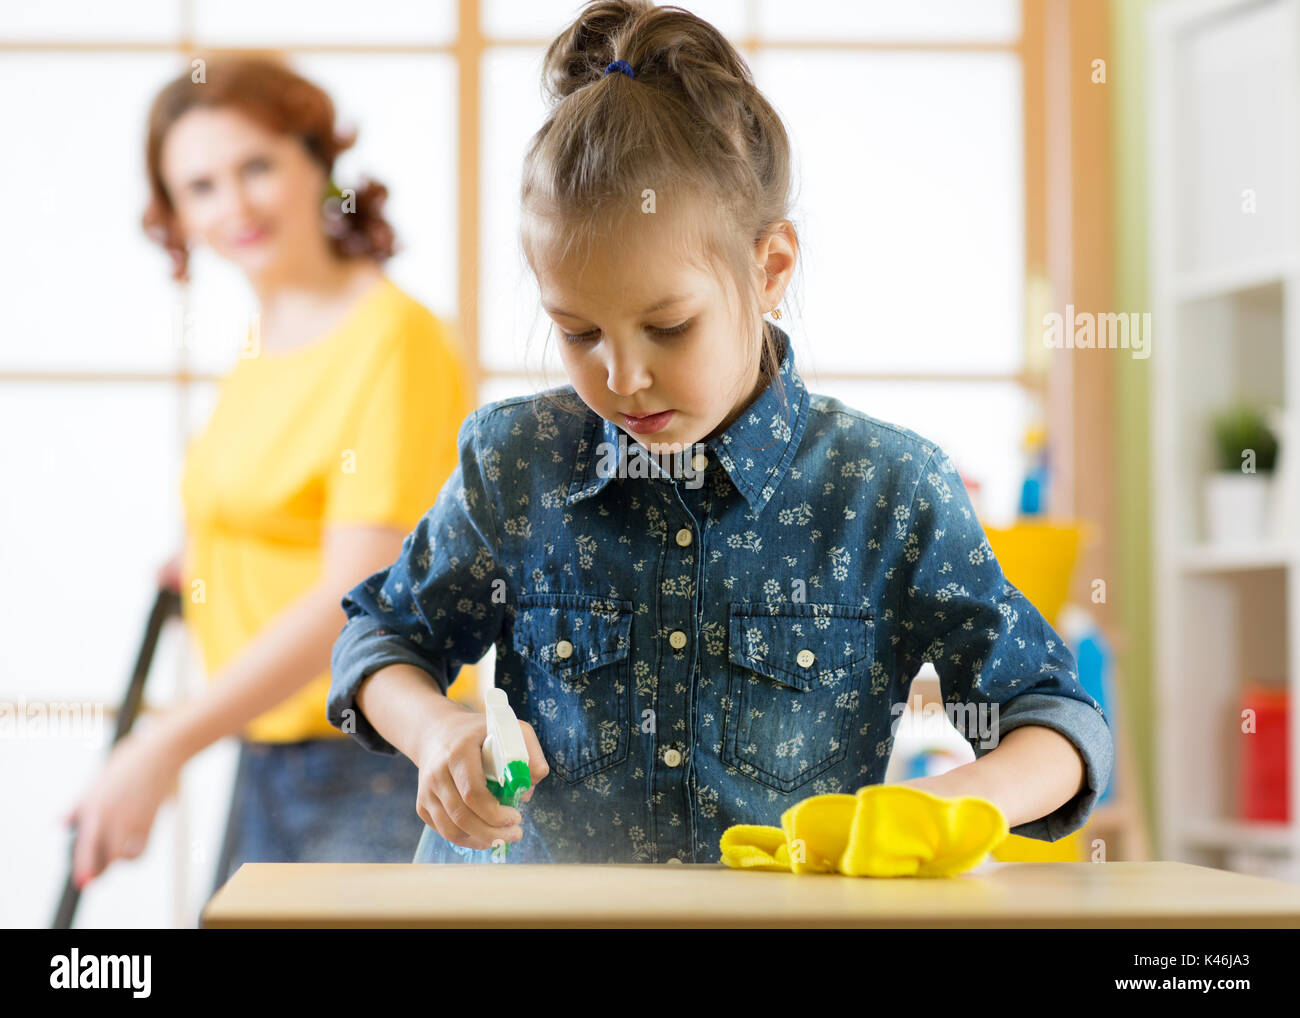 Happy Family reinigt die Zimmer. Mutter und Kind Tochter sie die Reinigung im Haus. Eine Frau und ein kleines Kind Mädchen wischte den Staub und ausgesaugt. Stockbild